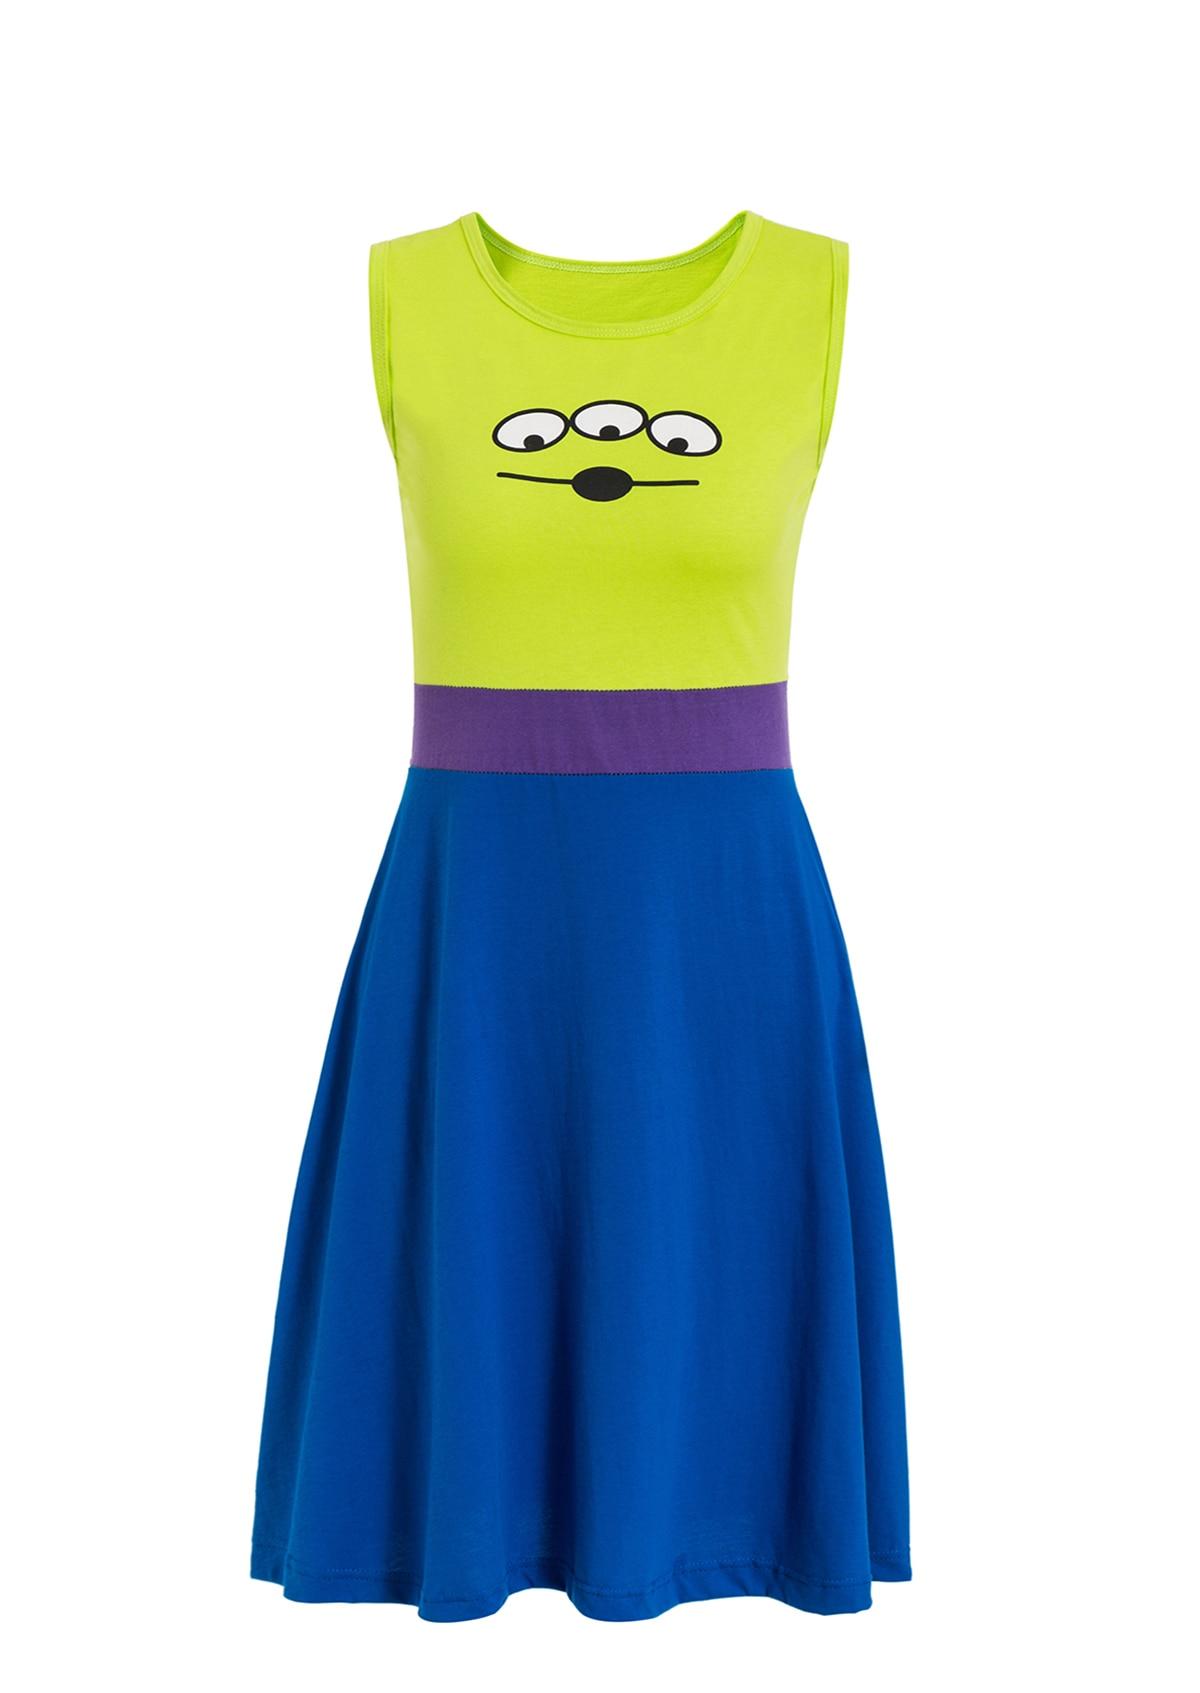 Платье принцессы для взрослых; одинаковый семейный маскарадный костюм «Минни Маус и я»; женское платье принцессы в горошек; большие размеры - Цвет: Alien